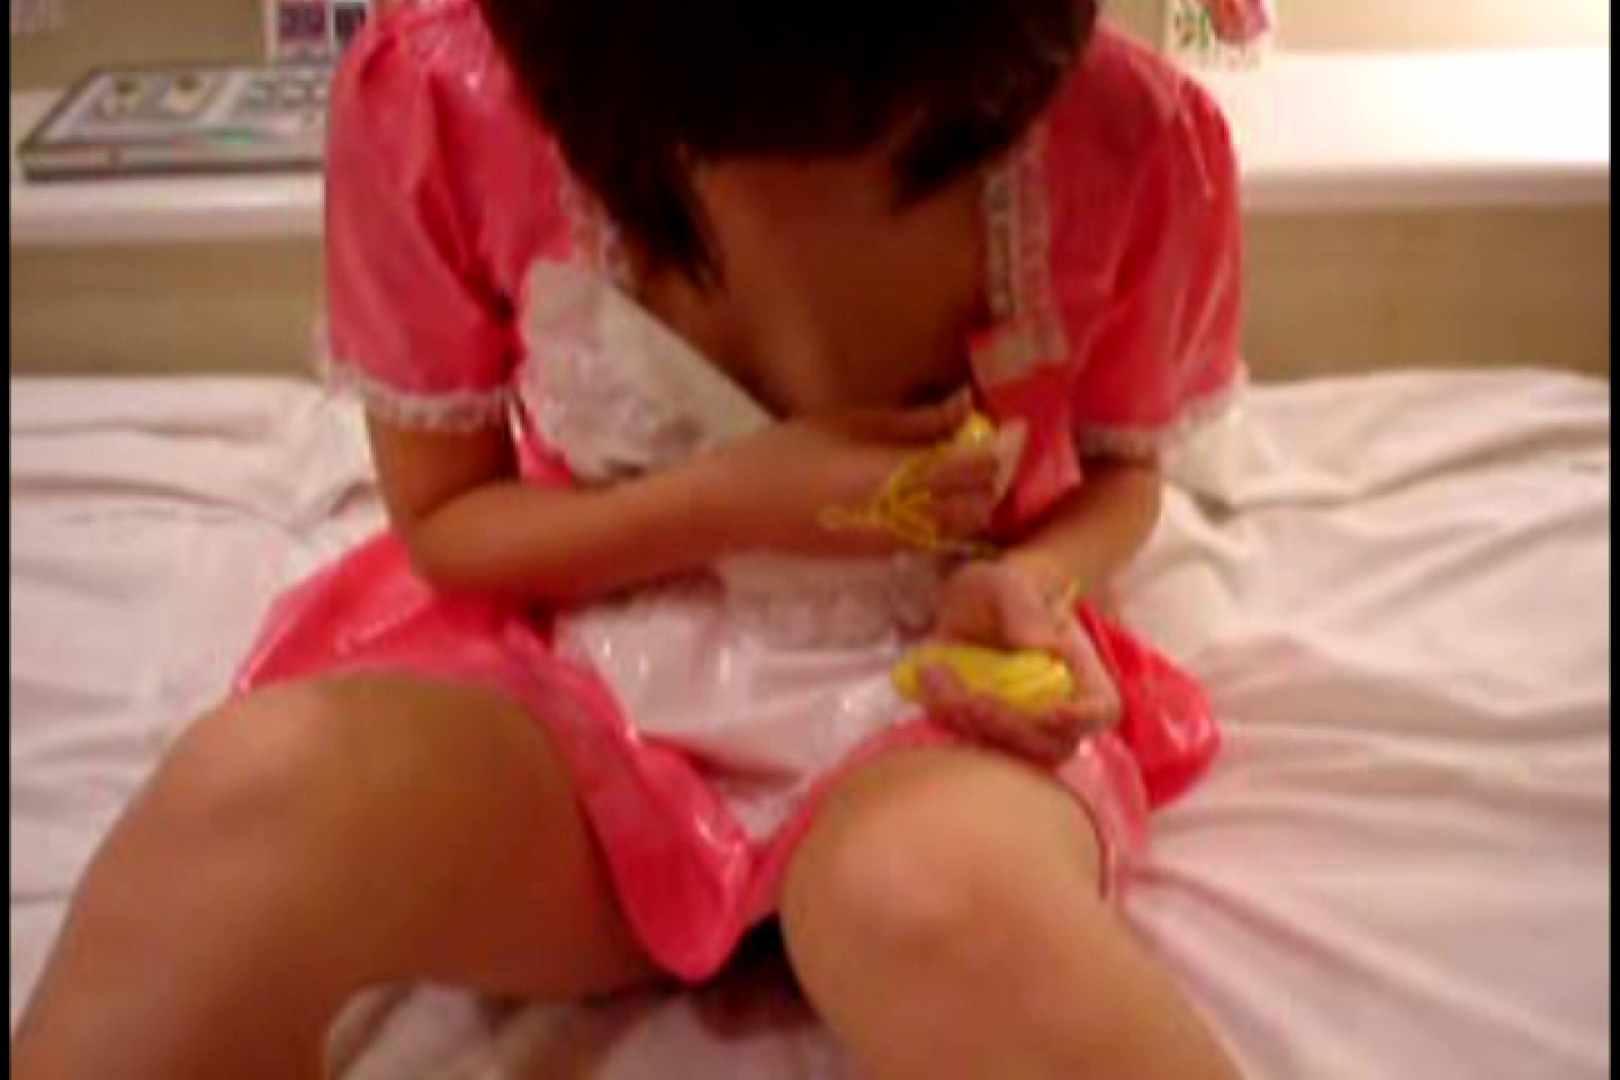 ウイルス流出 九州工学部女子大生藤野瑠美 女子大生の裸体 | 流出作品  76画像 16